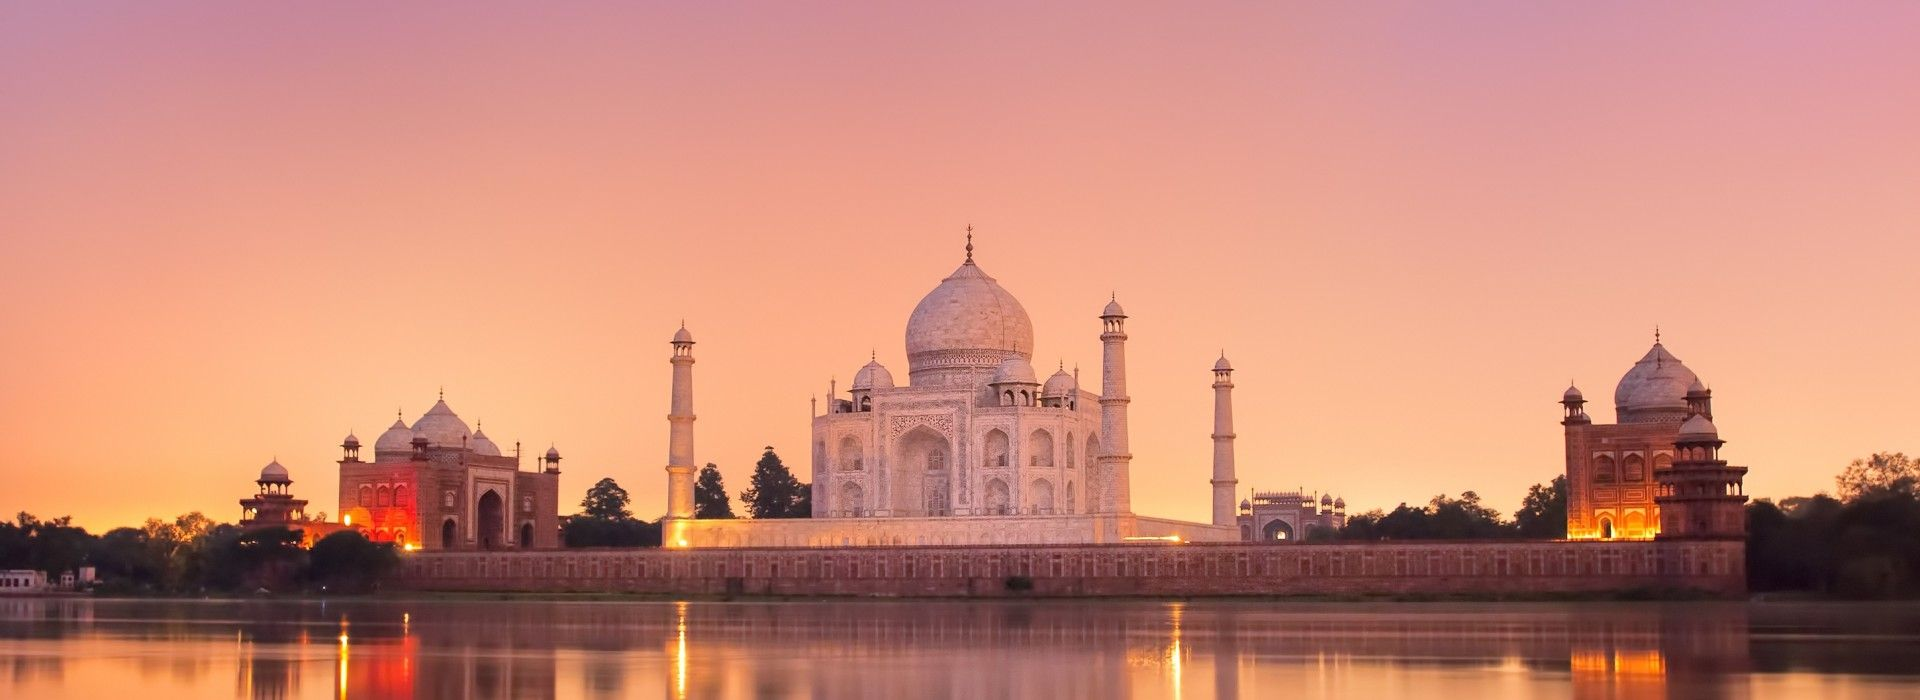 Sightseeing Tours in Mumbai